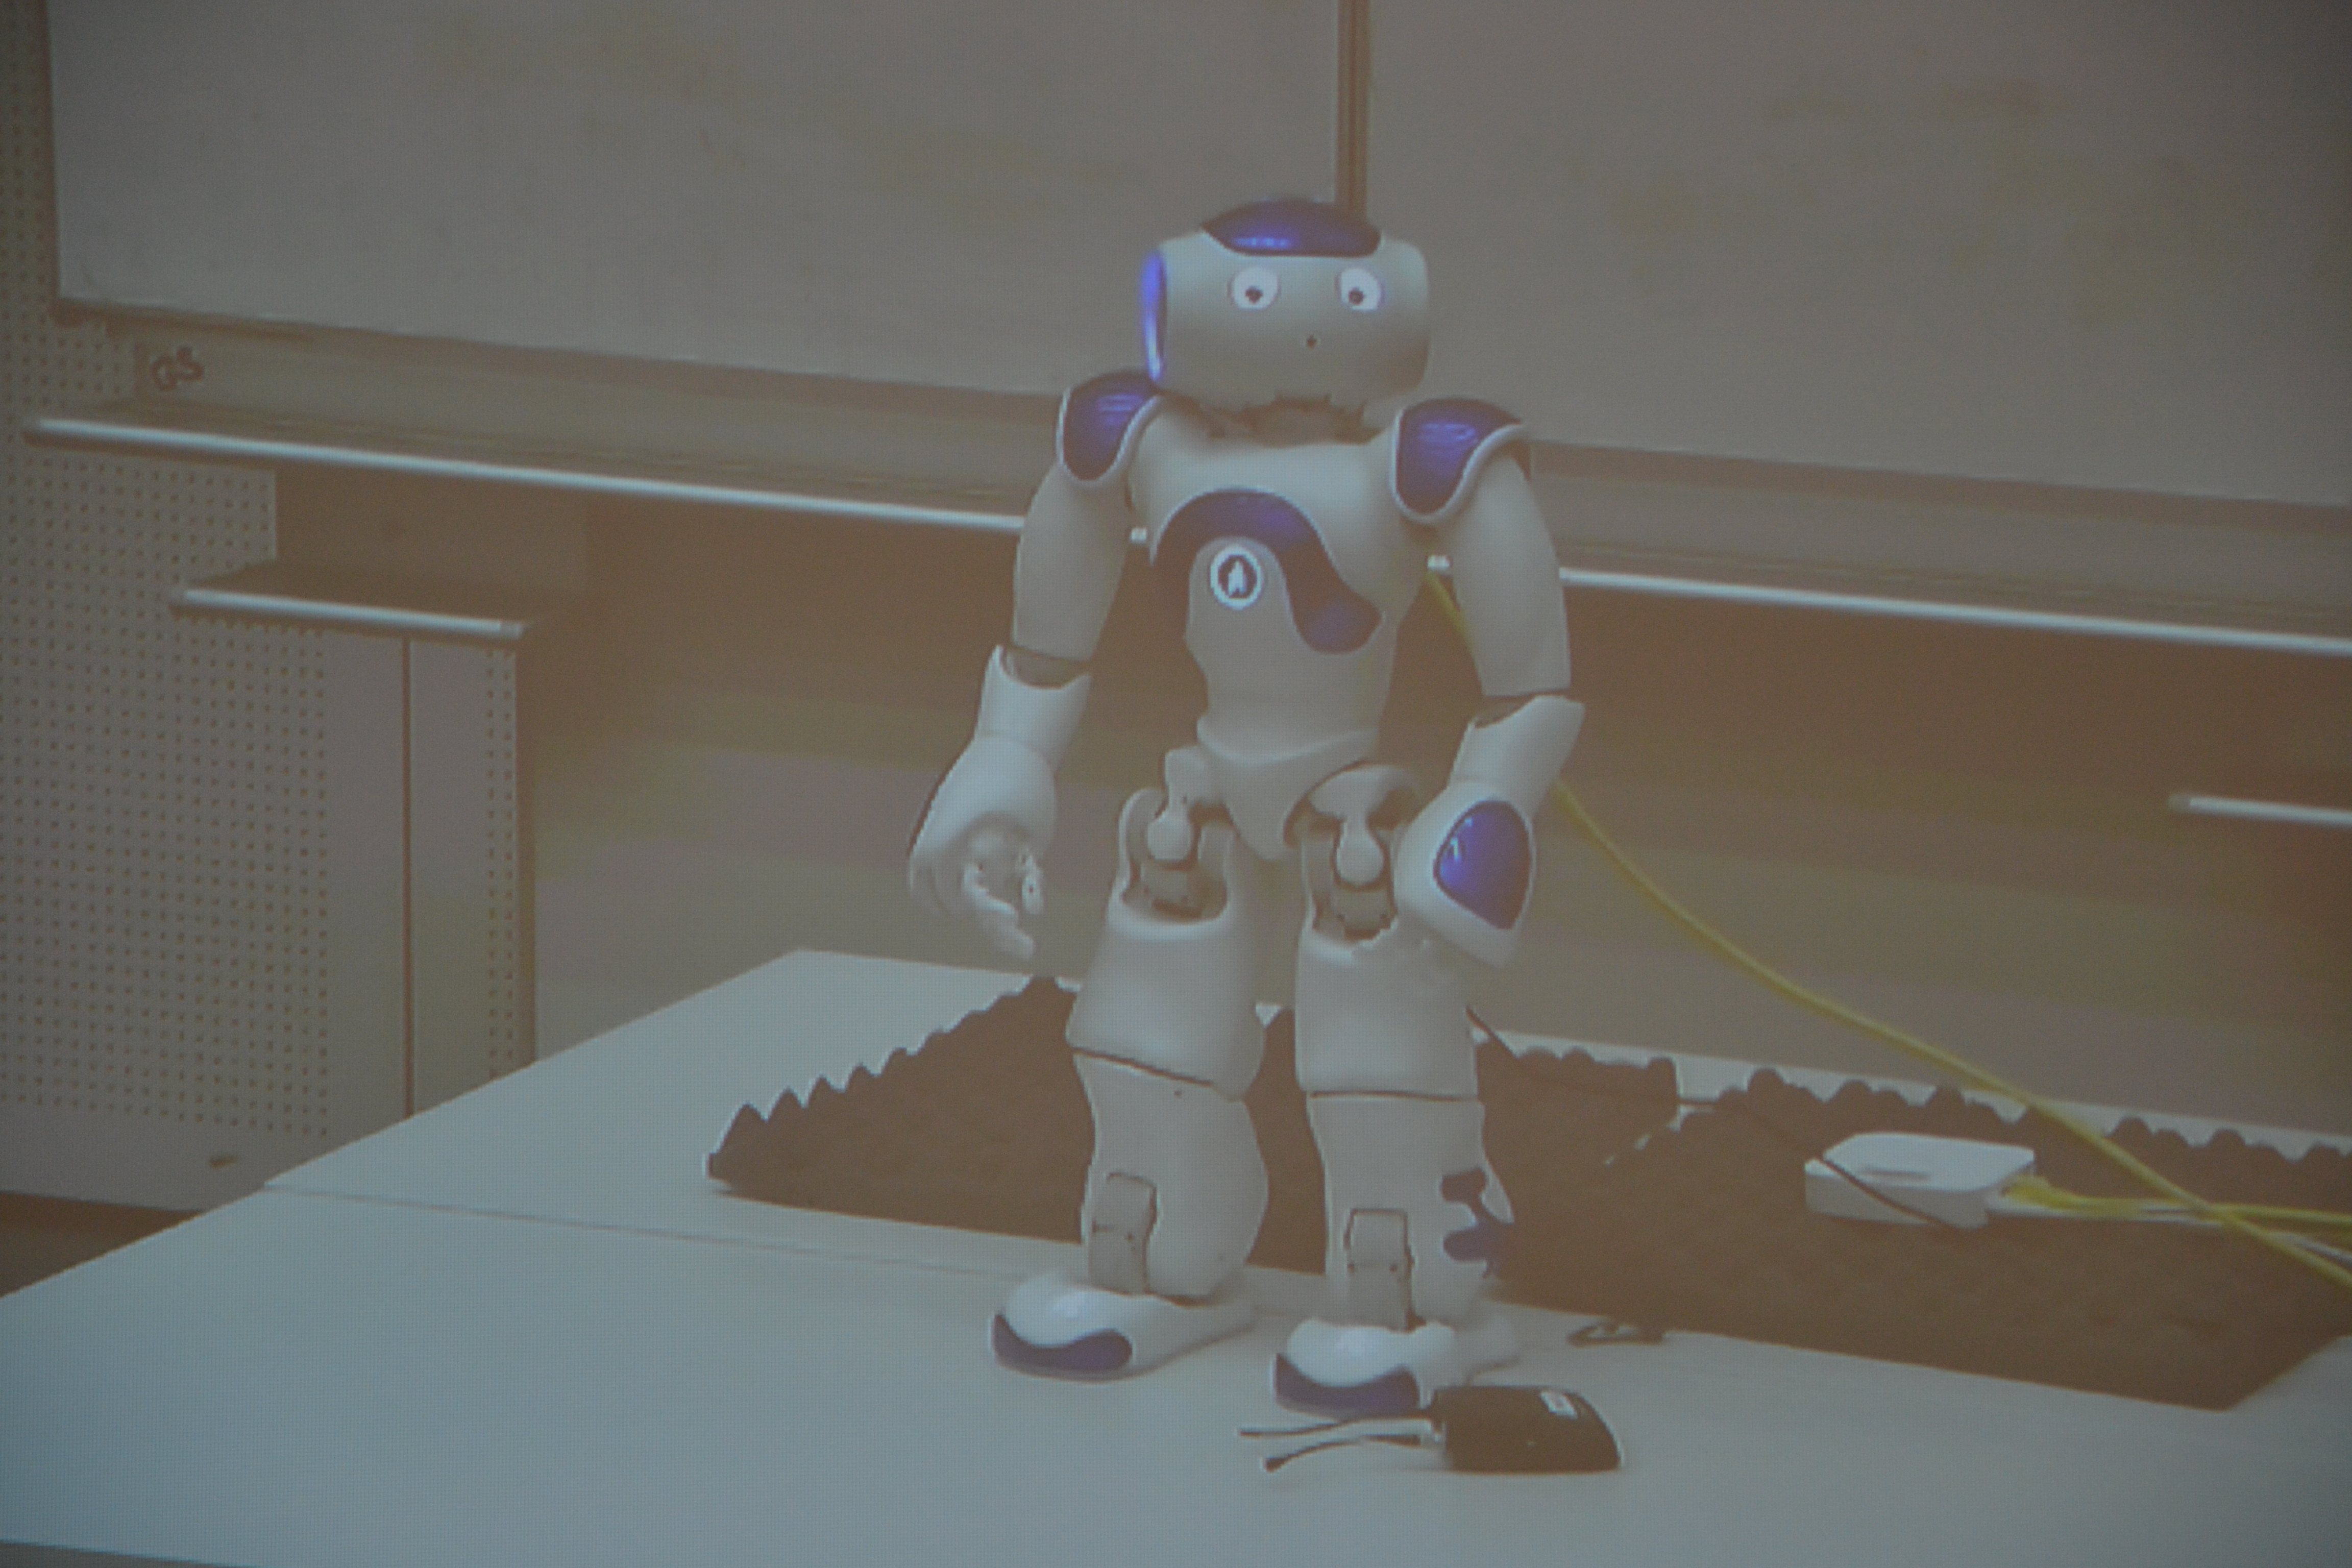 Roboter Waale kann auch tanzen –  Eindrücke der Kinder-Uni